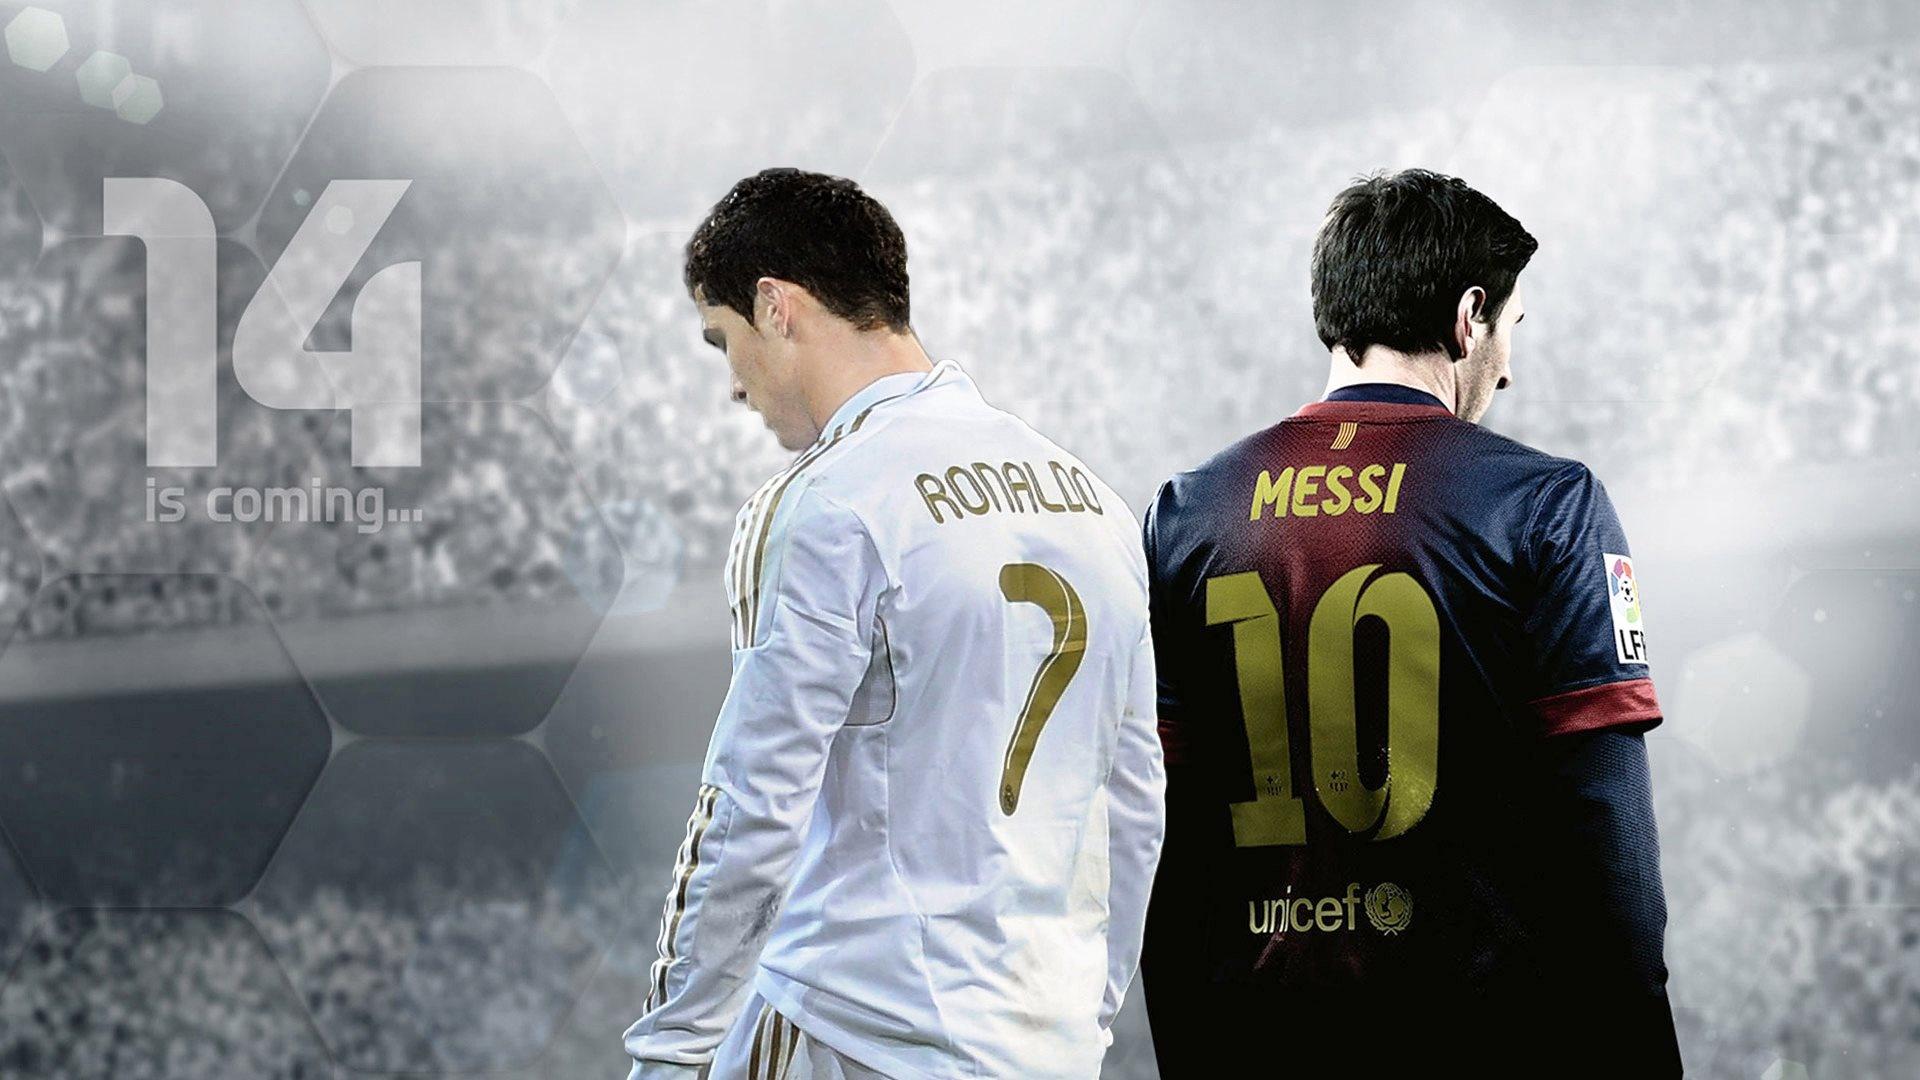 صور كرستيانو رونالدو 2016 جديدة ملك ريال مدريد